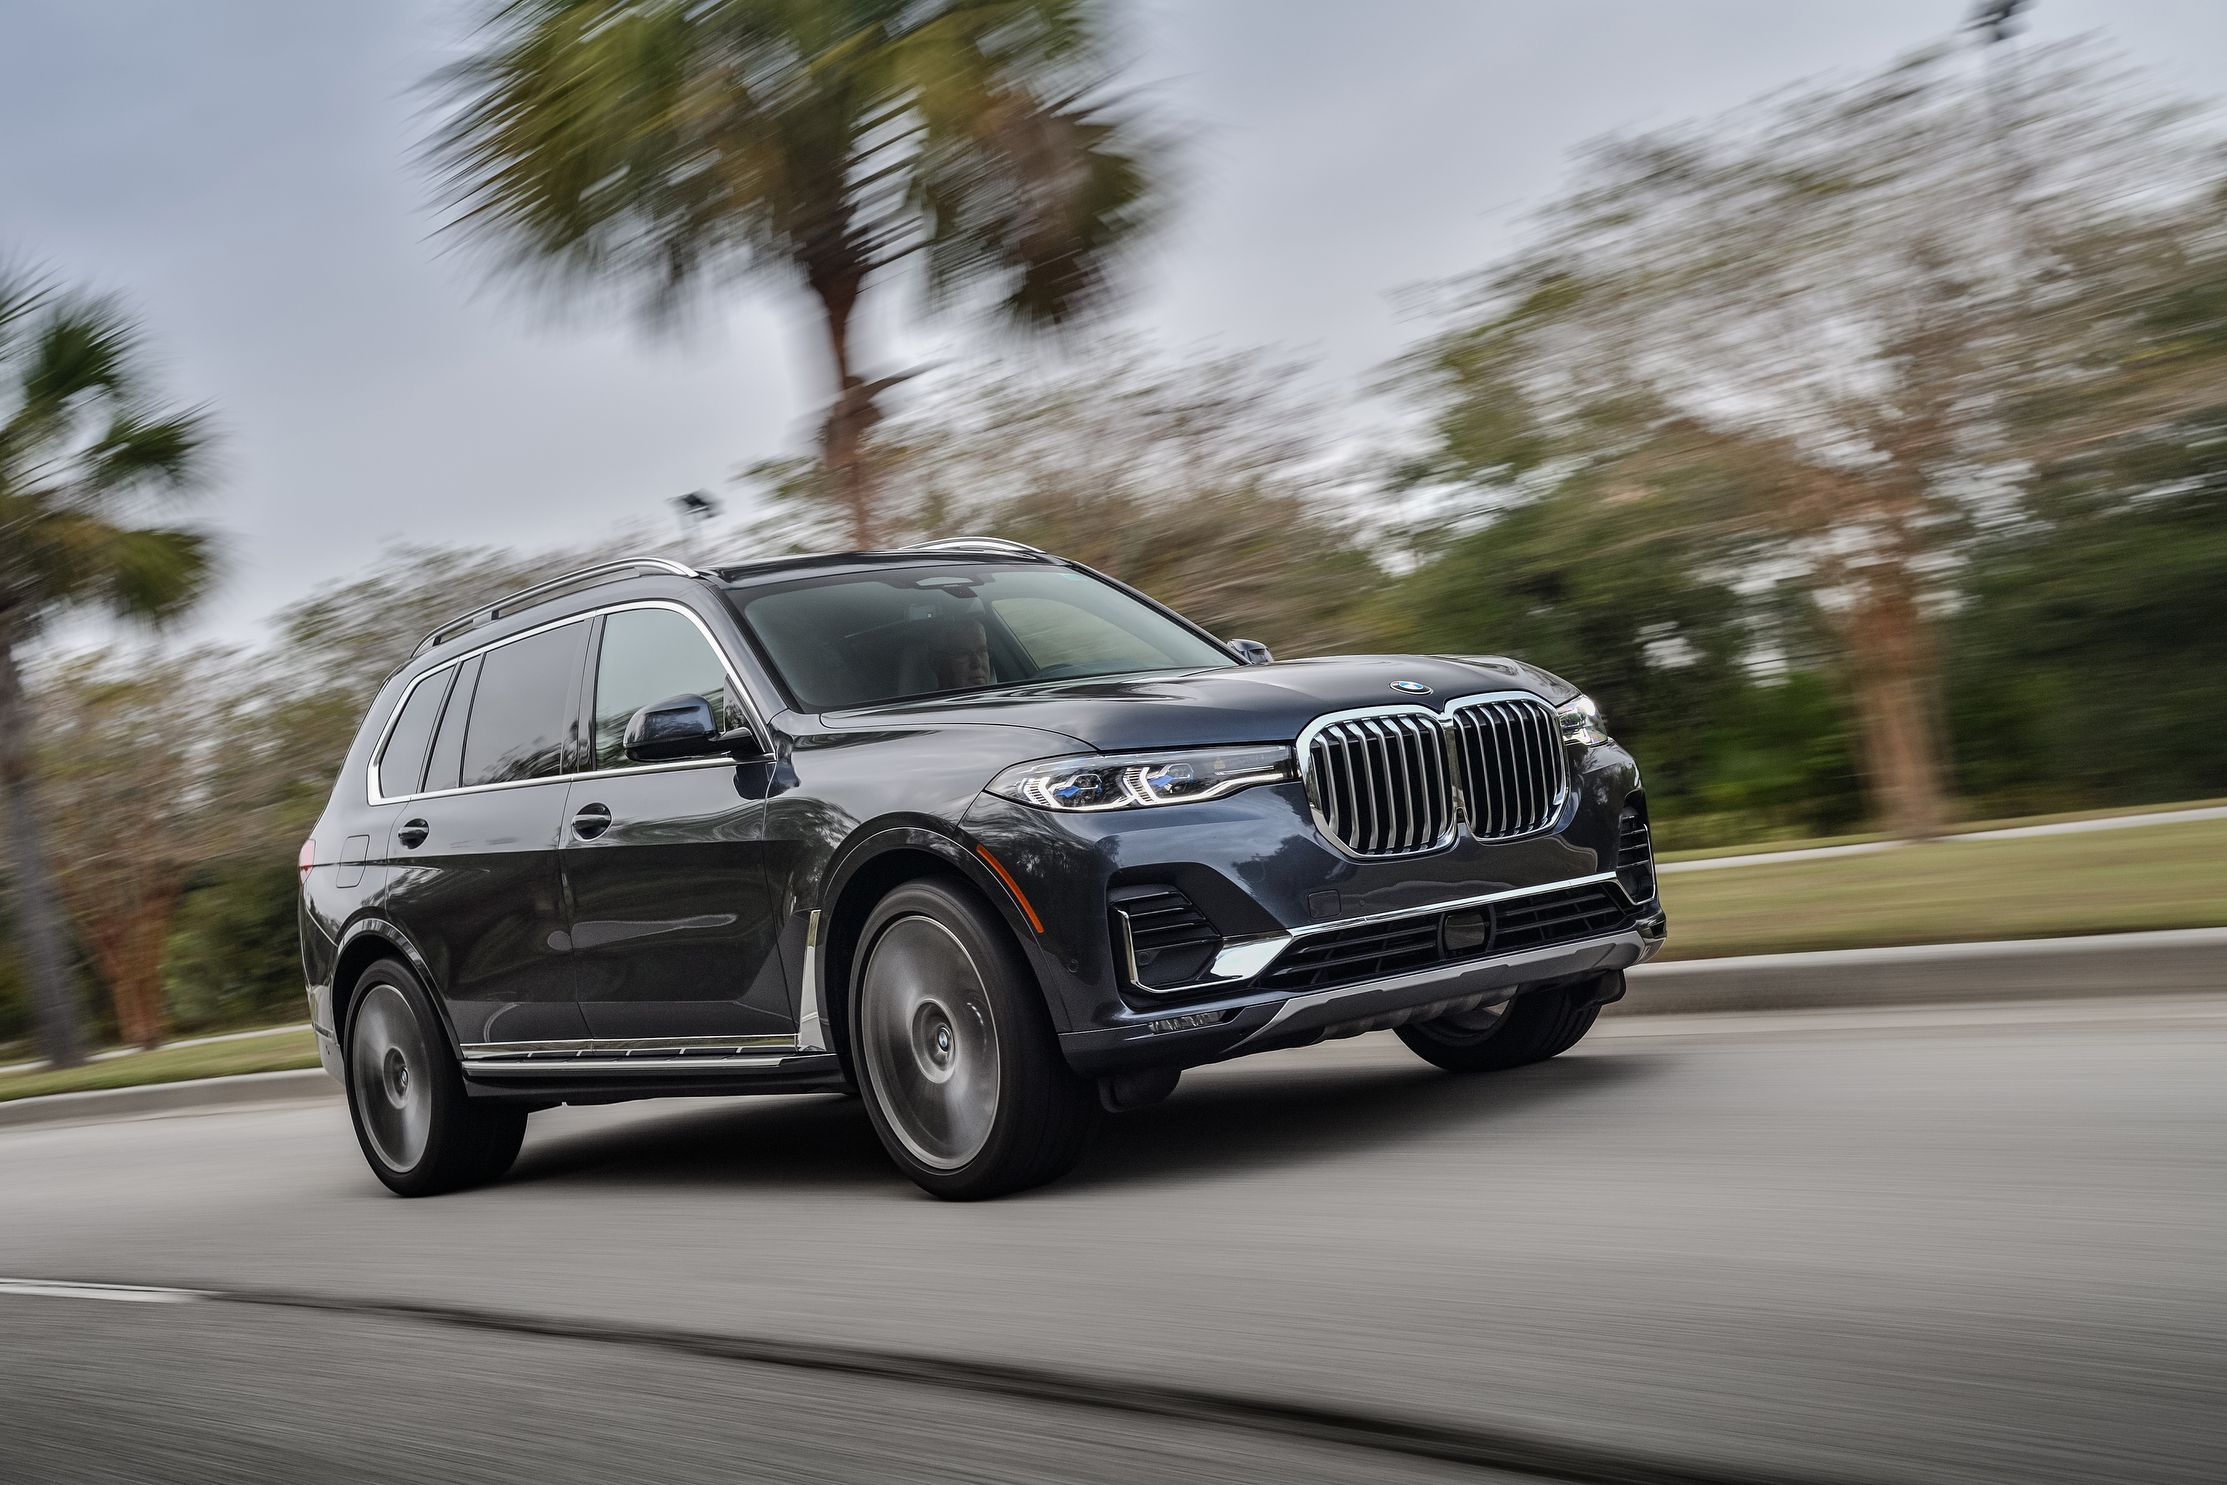 Bmw X8 Black Best Car Update 2019 2020 By Thestellarcafe